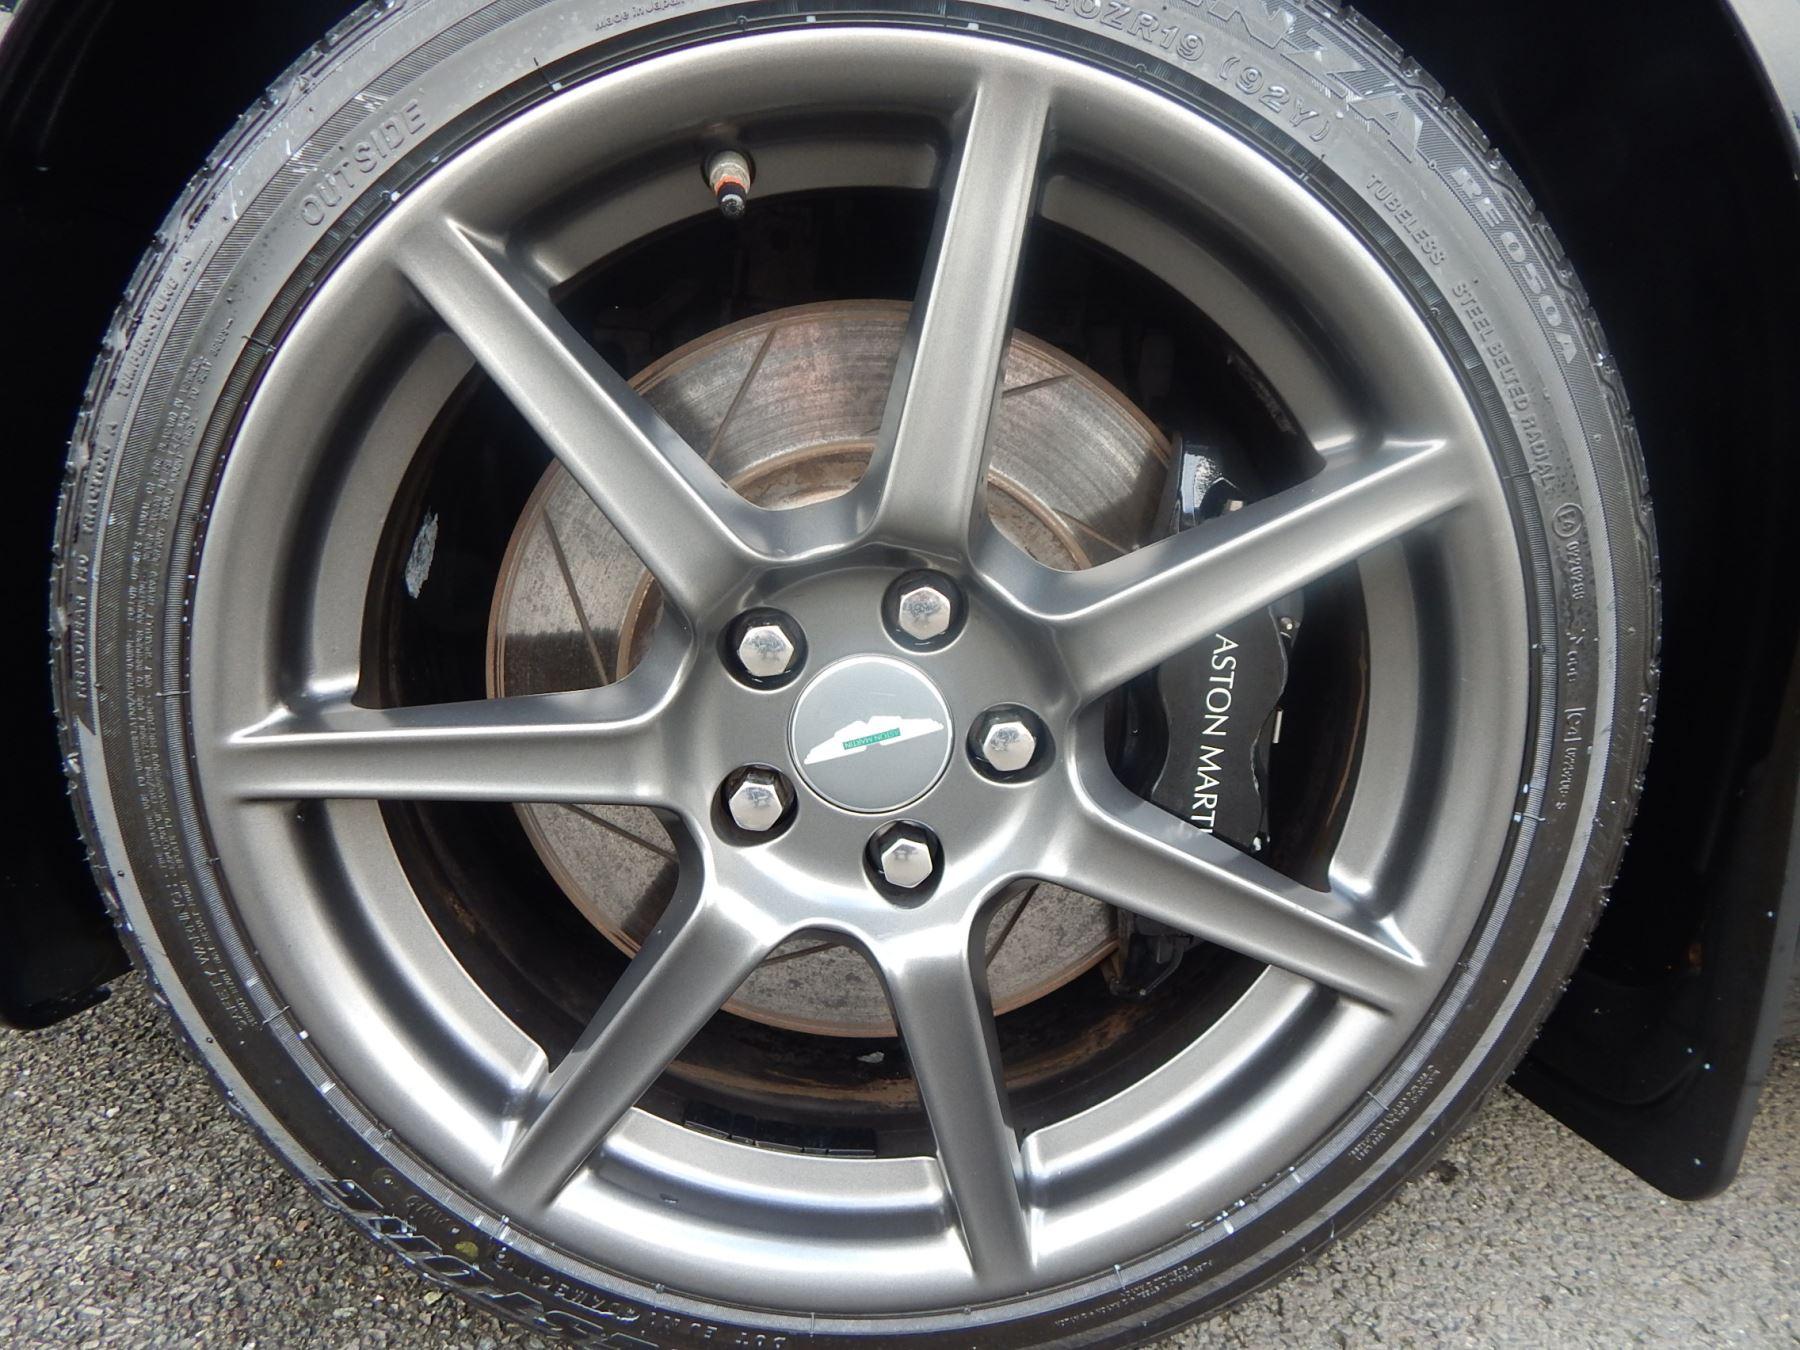 Aston Martin V8 Vantage Roadster 4.3 V8 Roadster image 13